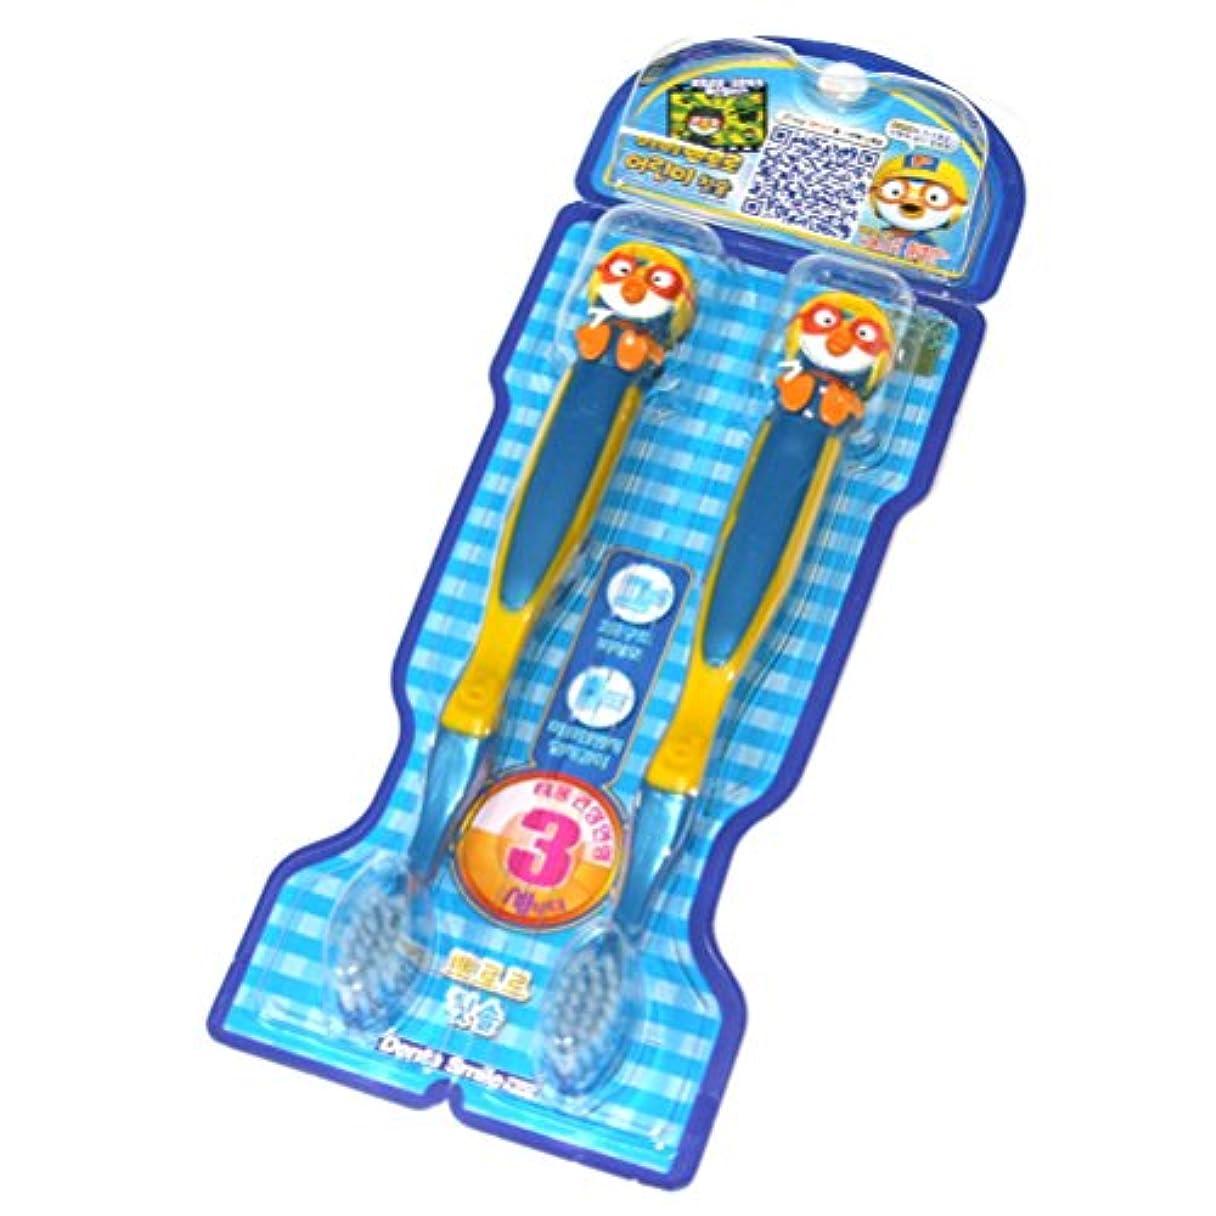 ディーラー自然水族館PORORO Toothbrush For Kids 2ea set (PORORO) ポロロ 子供用 歯ブラシ2ea set (ポロロ ) [並行輸入品]